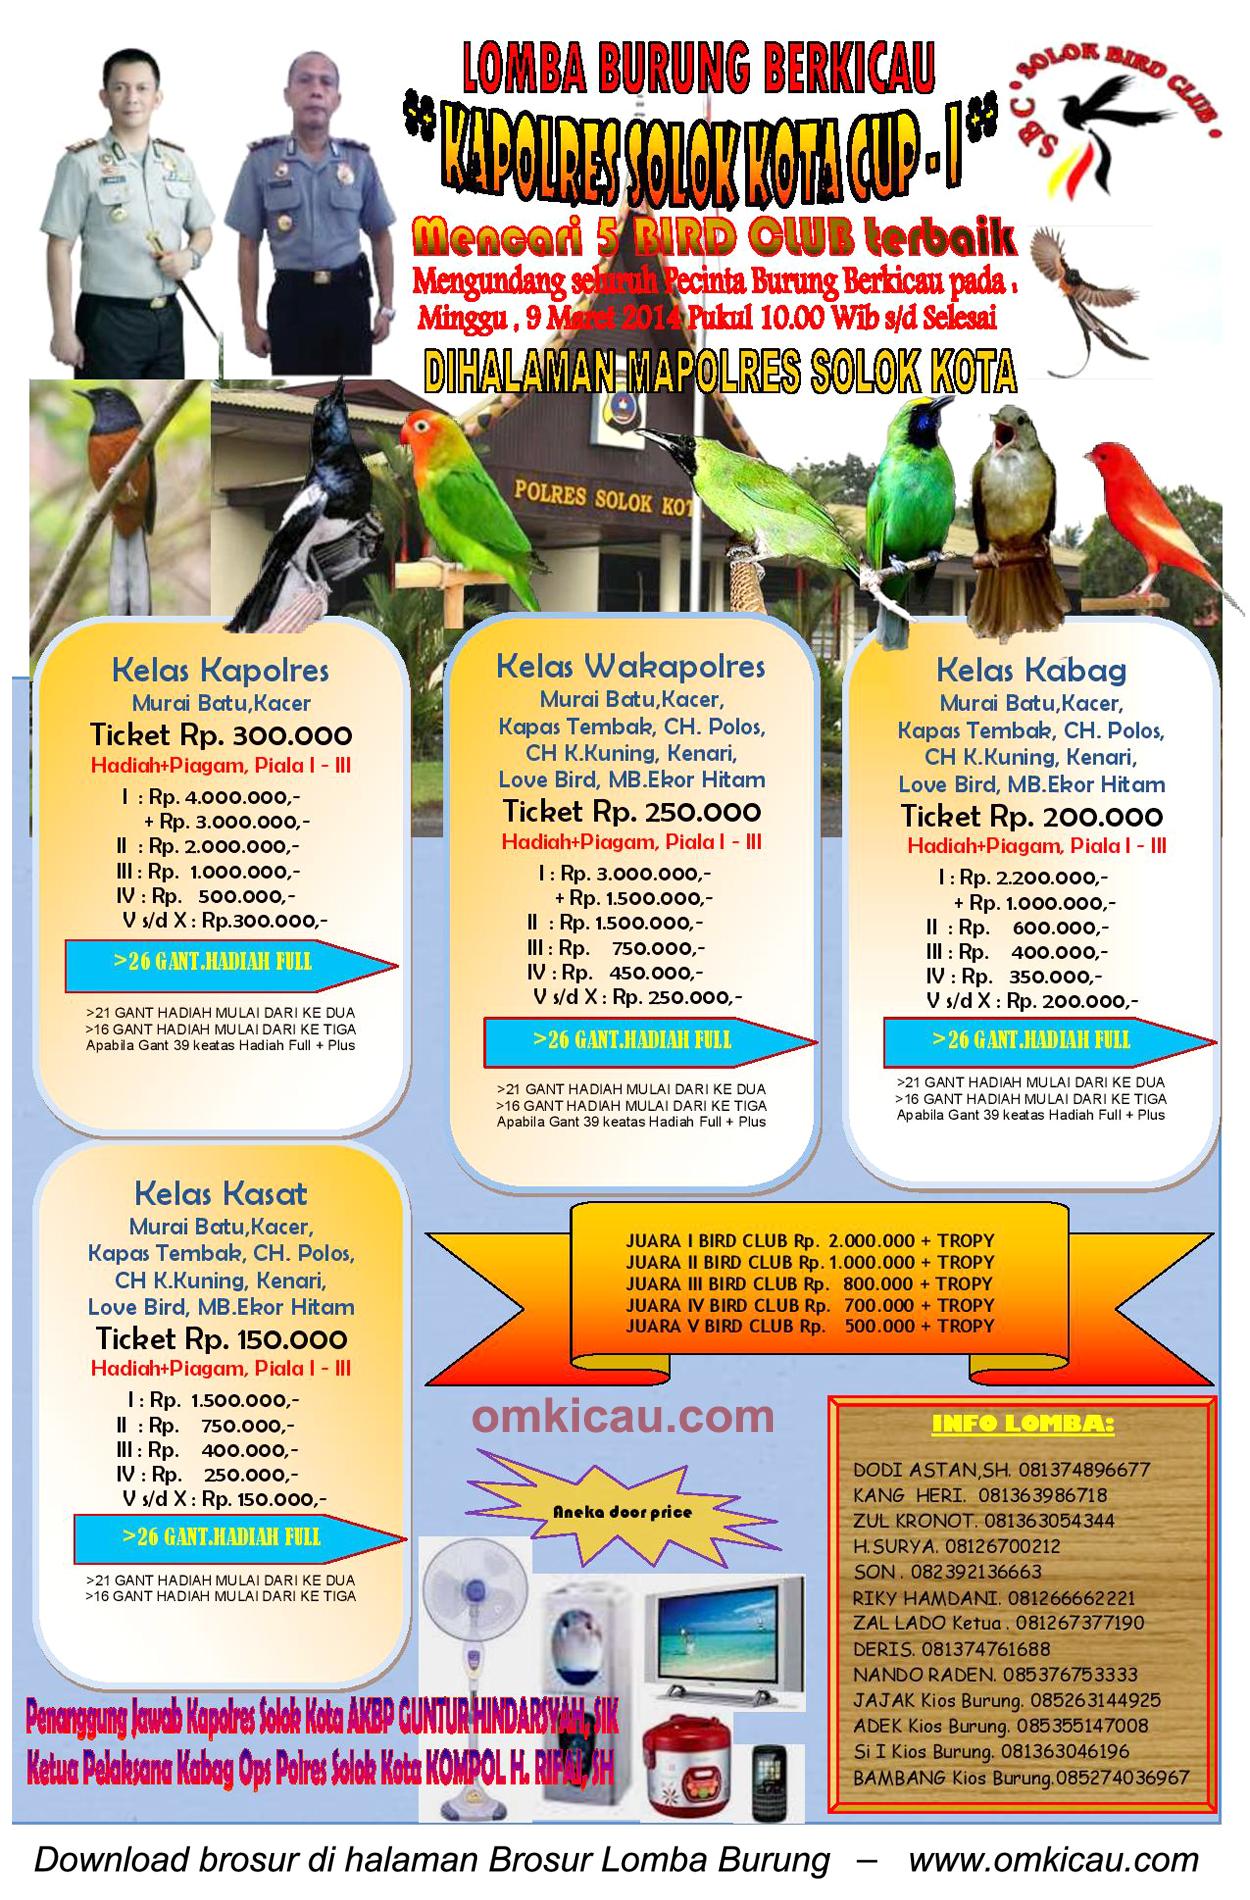 Brosur Lomba Burung Berkicau Kapolres Solok Kota Cup I, Solok, 9 Maret 2014